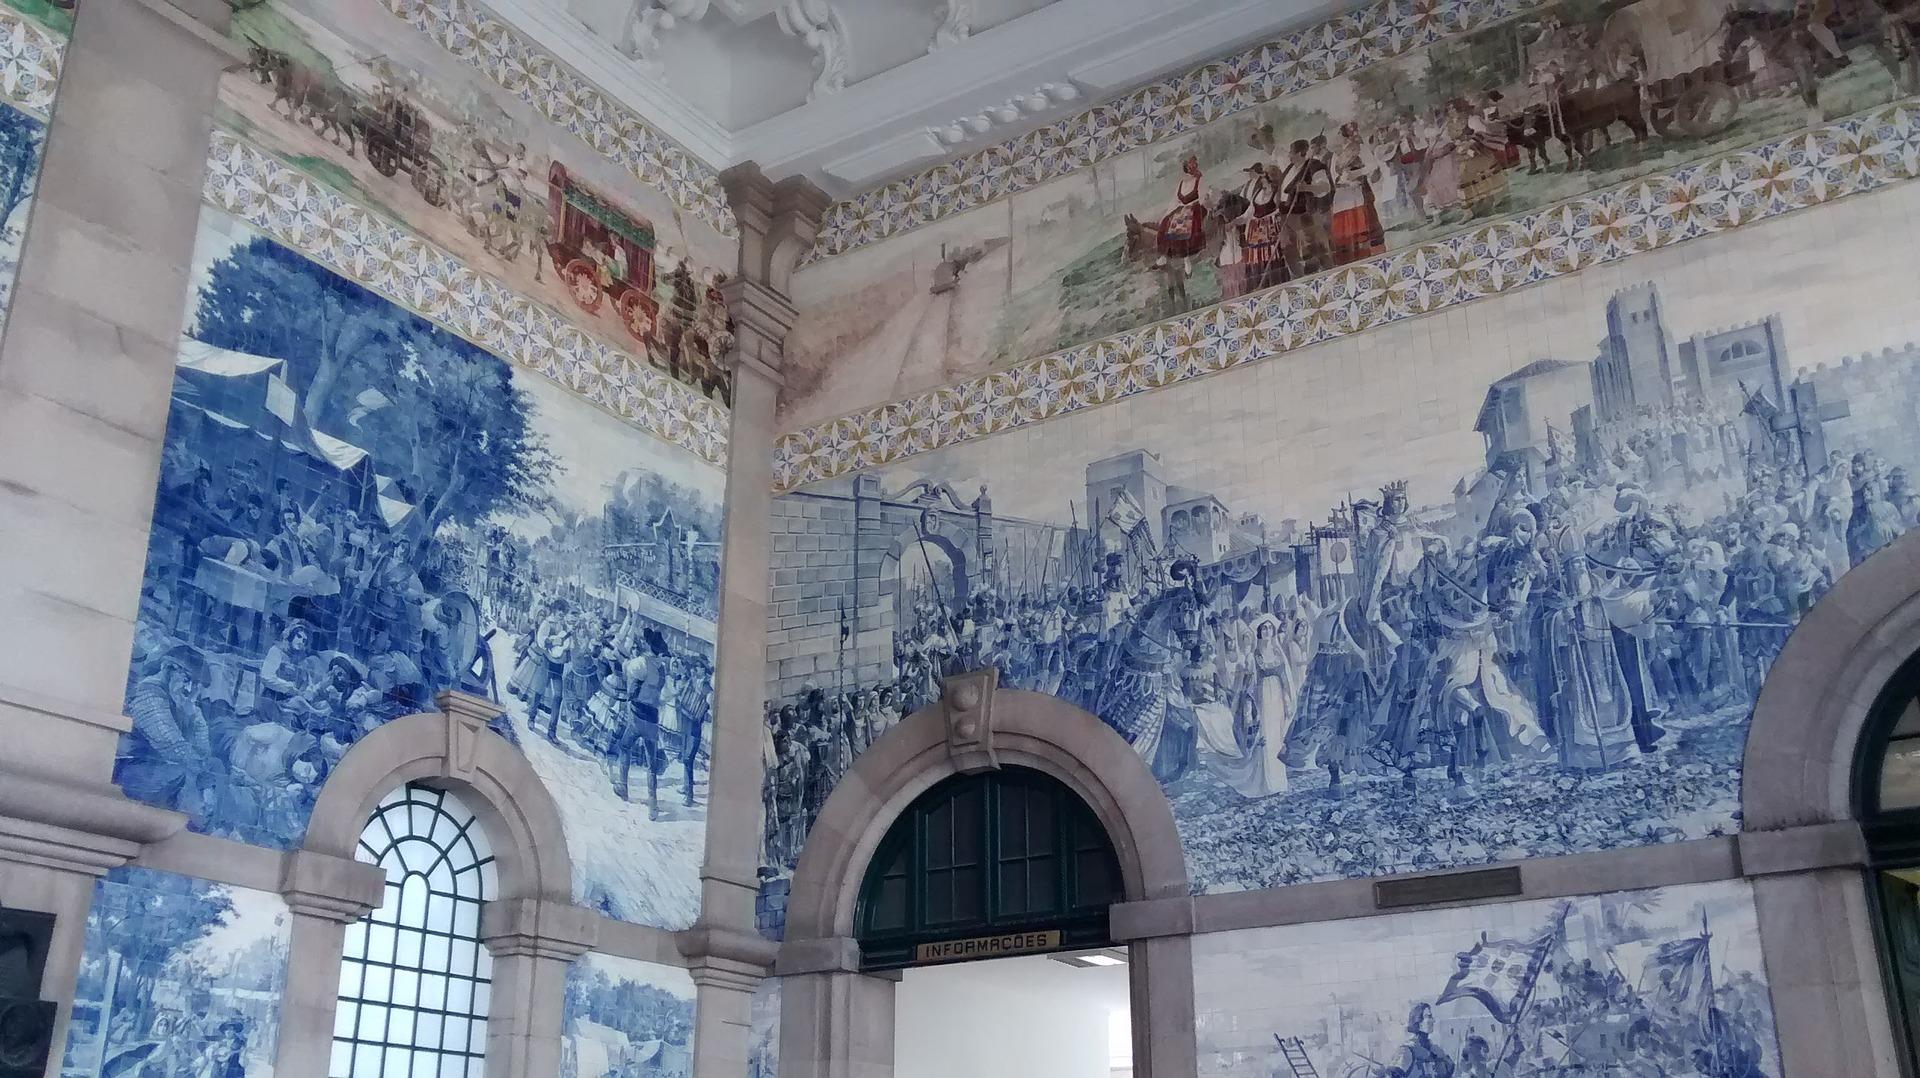 Estación de San Bento - Oporto: qué ver en 2 días